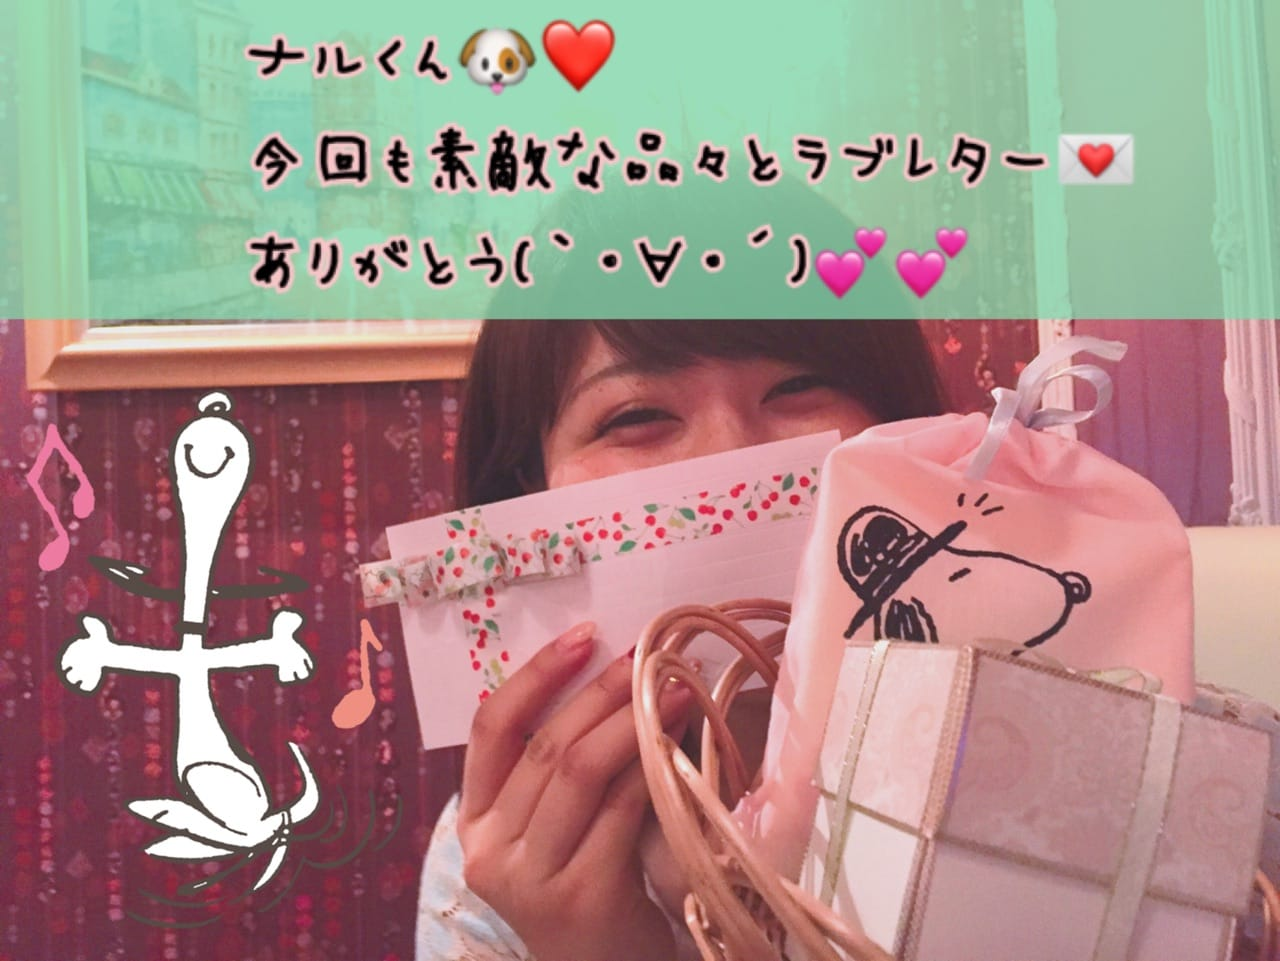 「9/18★ナルくん♡」09/19(火) 11:27   ランの写メ・風俗動画